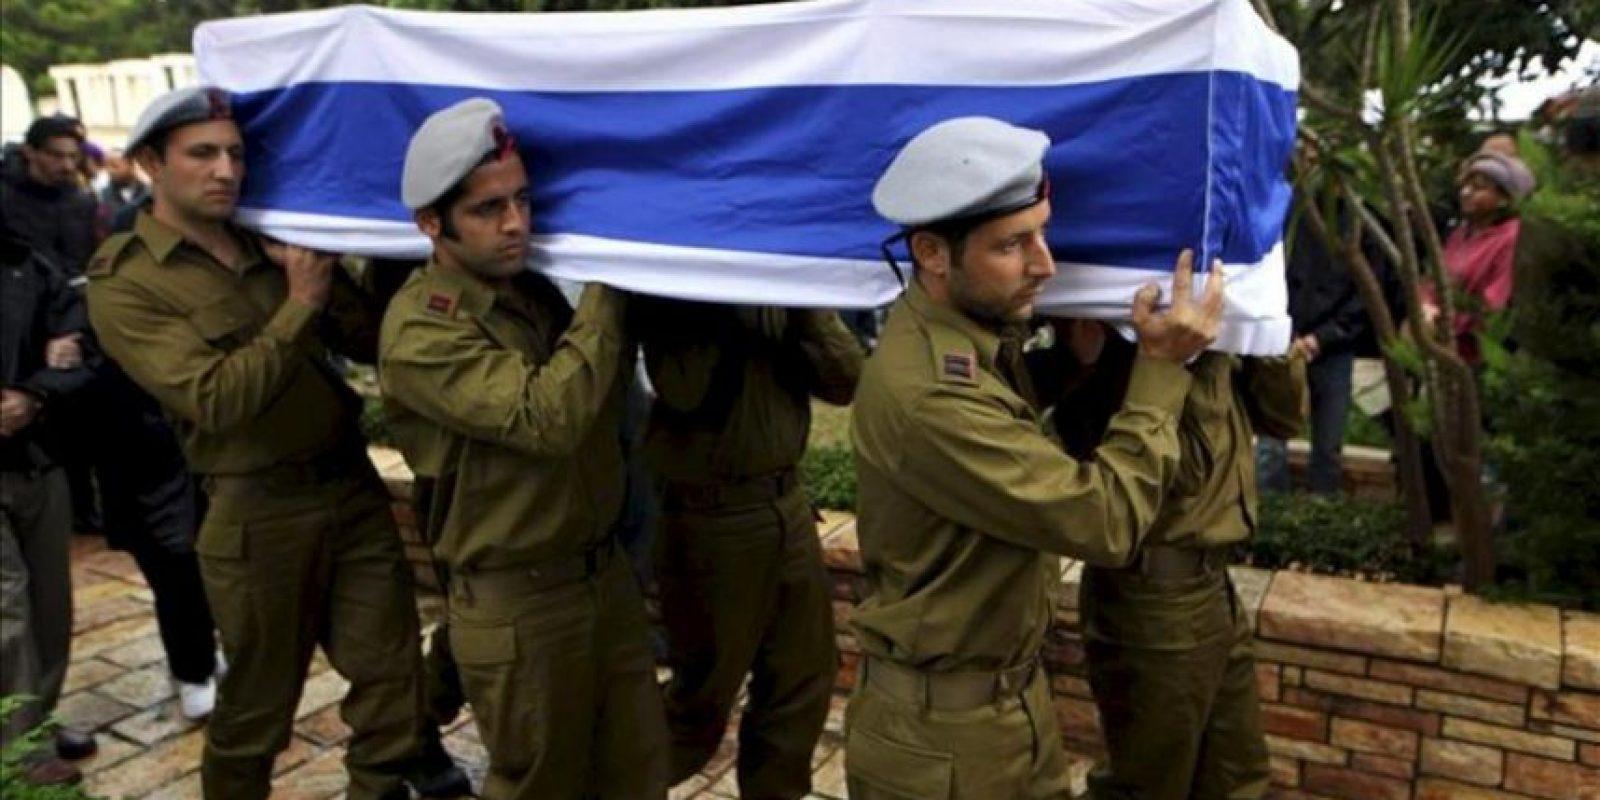 Soldados israelíes portan el féretro del soldado de reserva israelí Boris Yarmolnik, de 28 años, durante su funeral hoy en el cementerio militar de Netanya, Israel, el 23 de noviembre de 2012. EFE